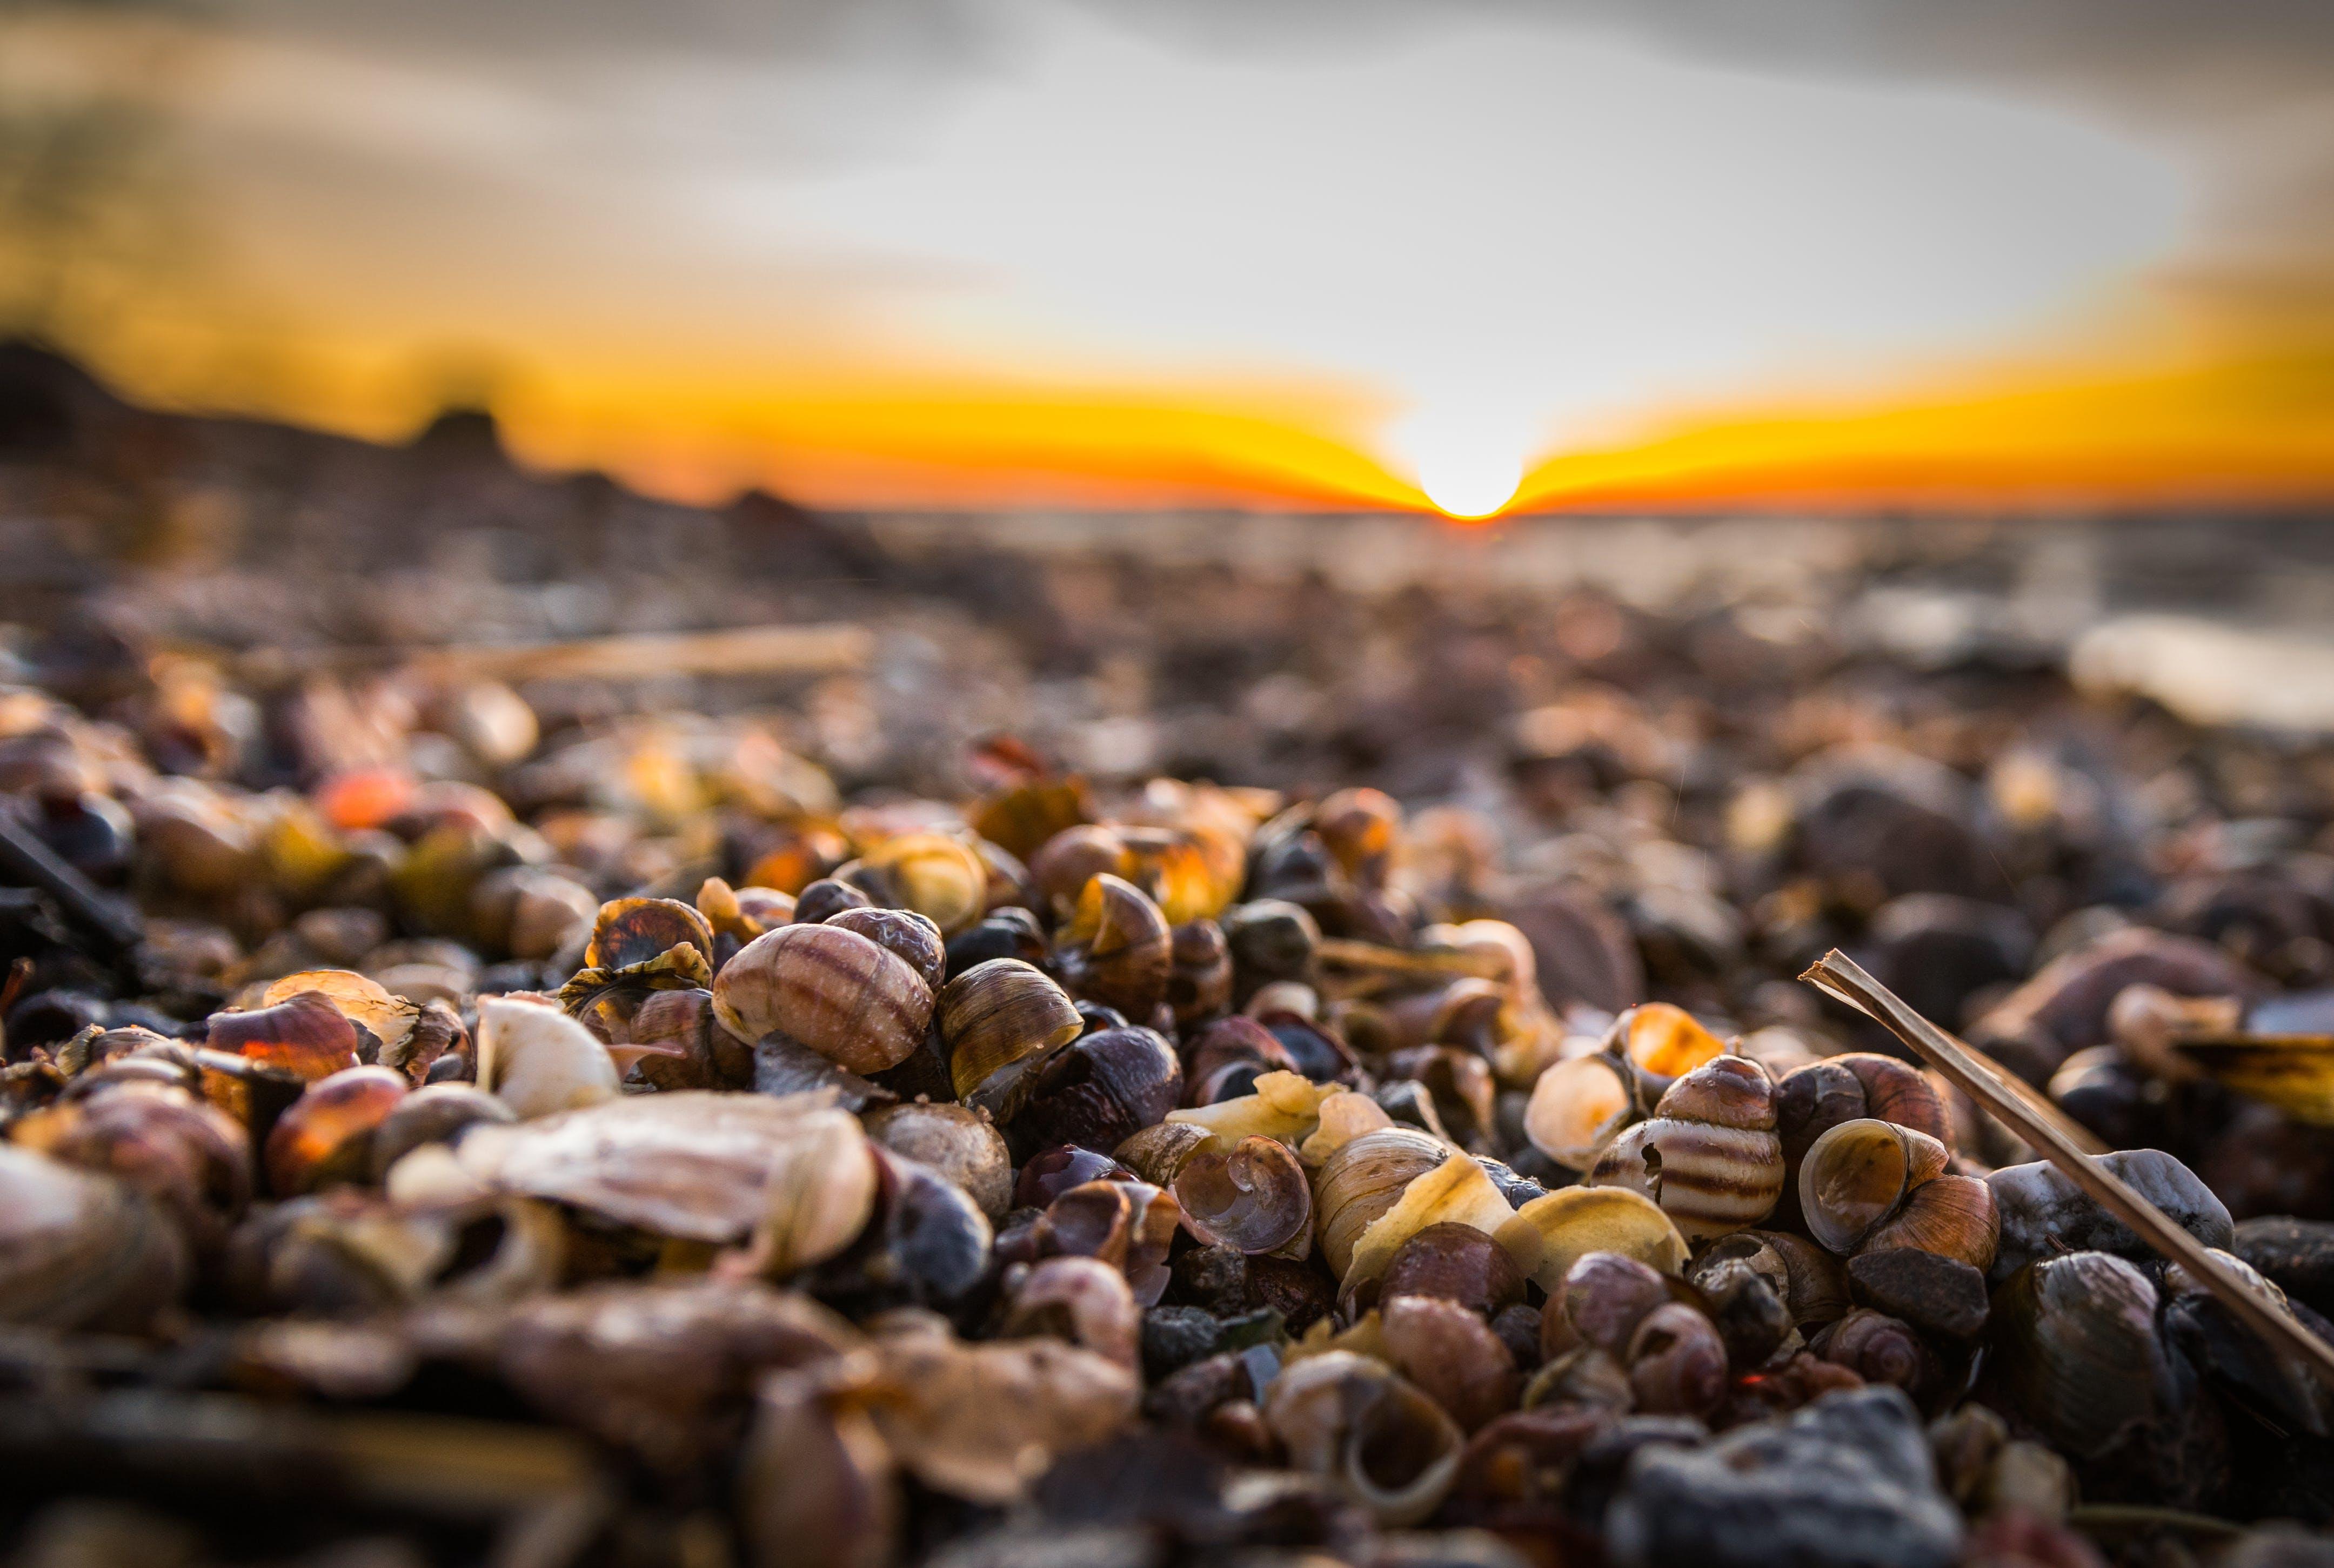 テクスチャ, パイル, 太陽, 岸の無料の写真素材